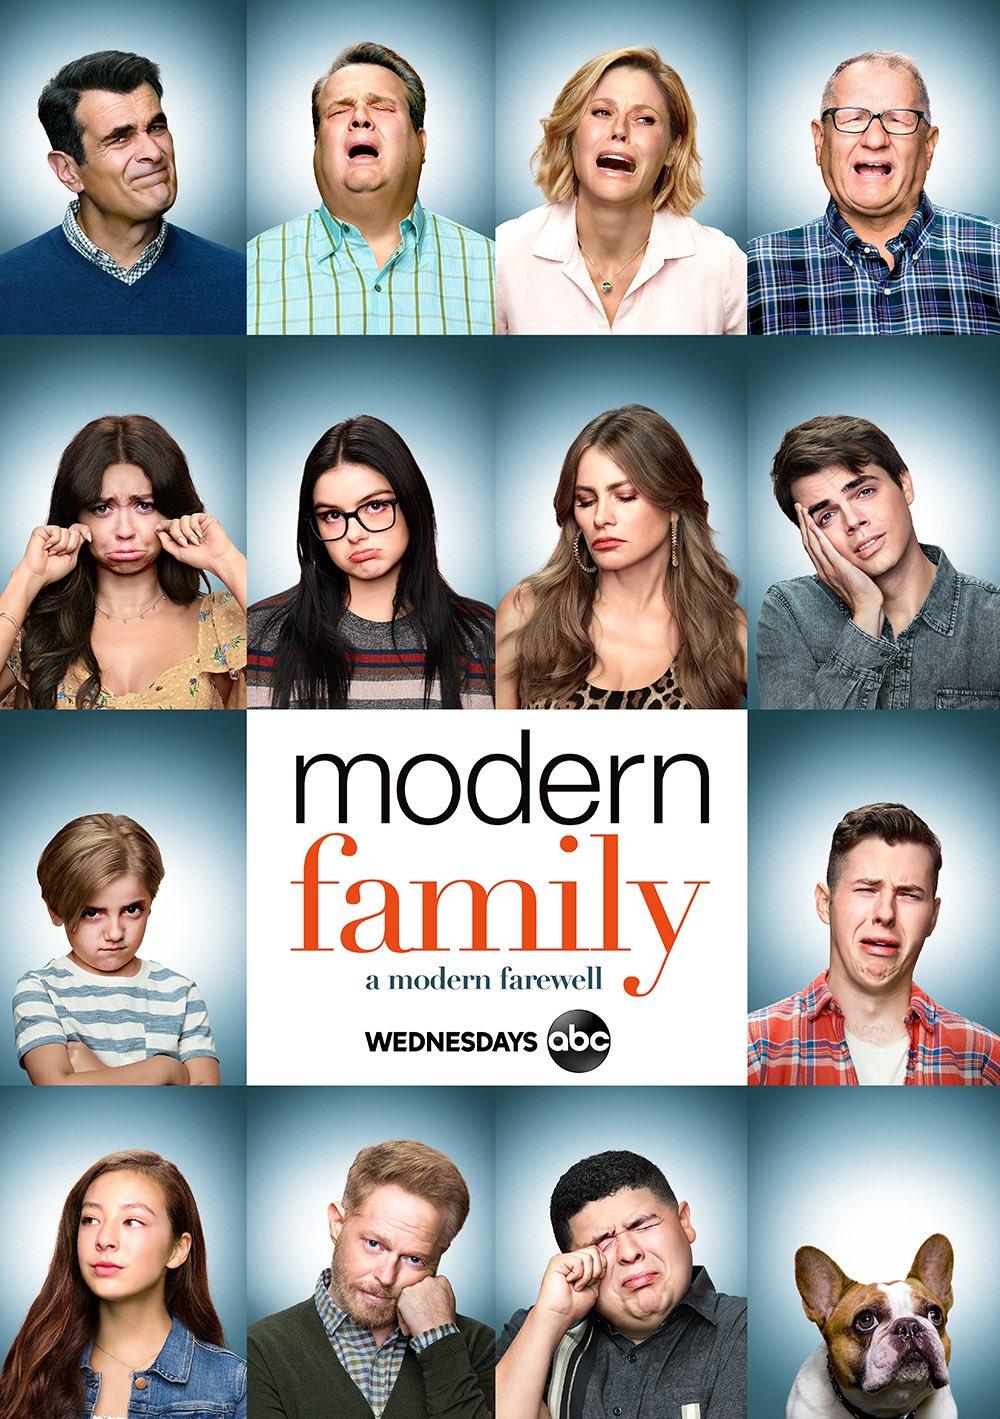 A Modern Family modern family: a modern farewell poster - modern family